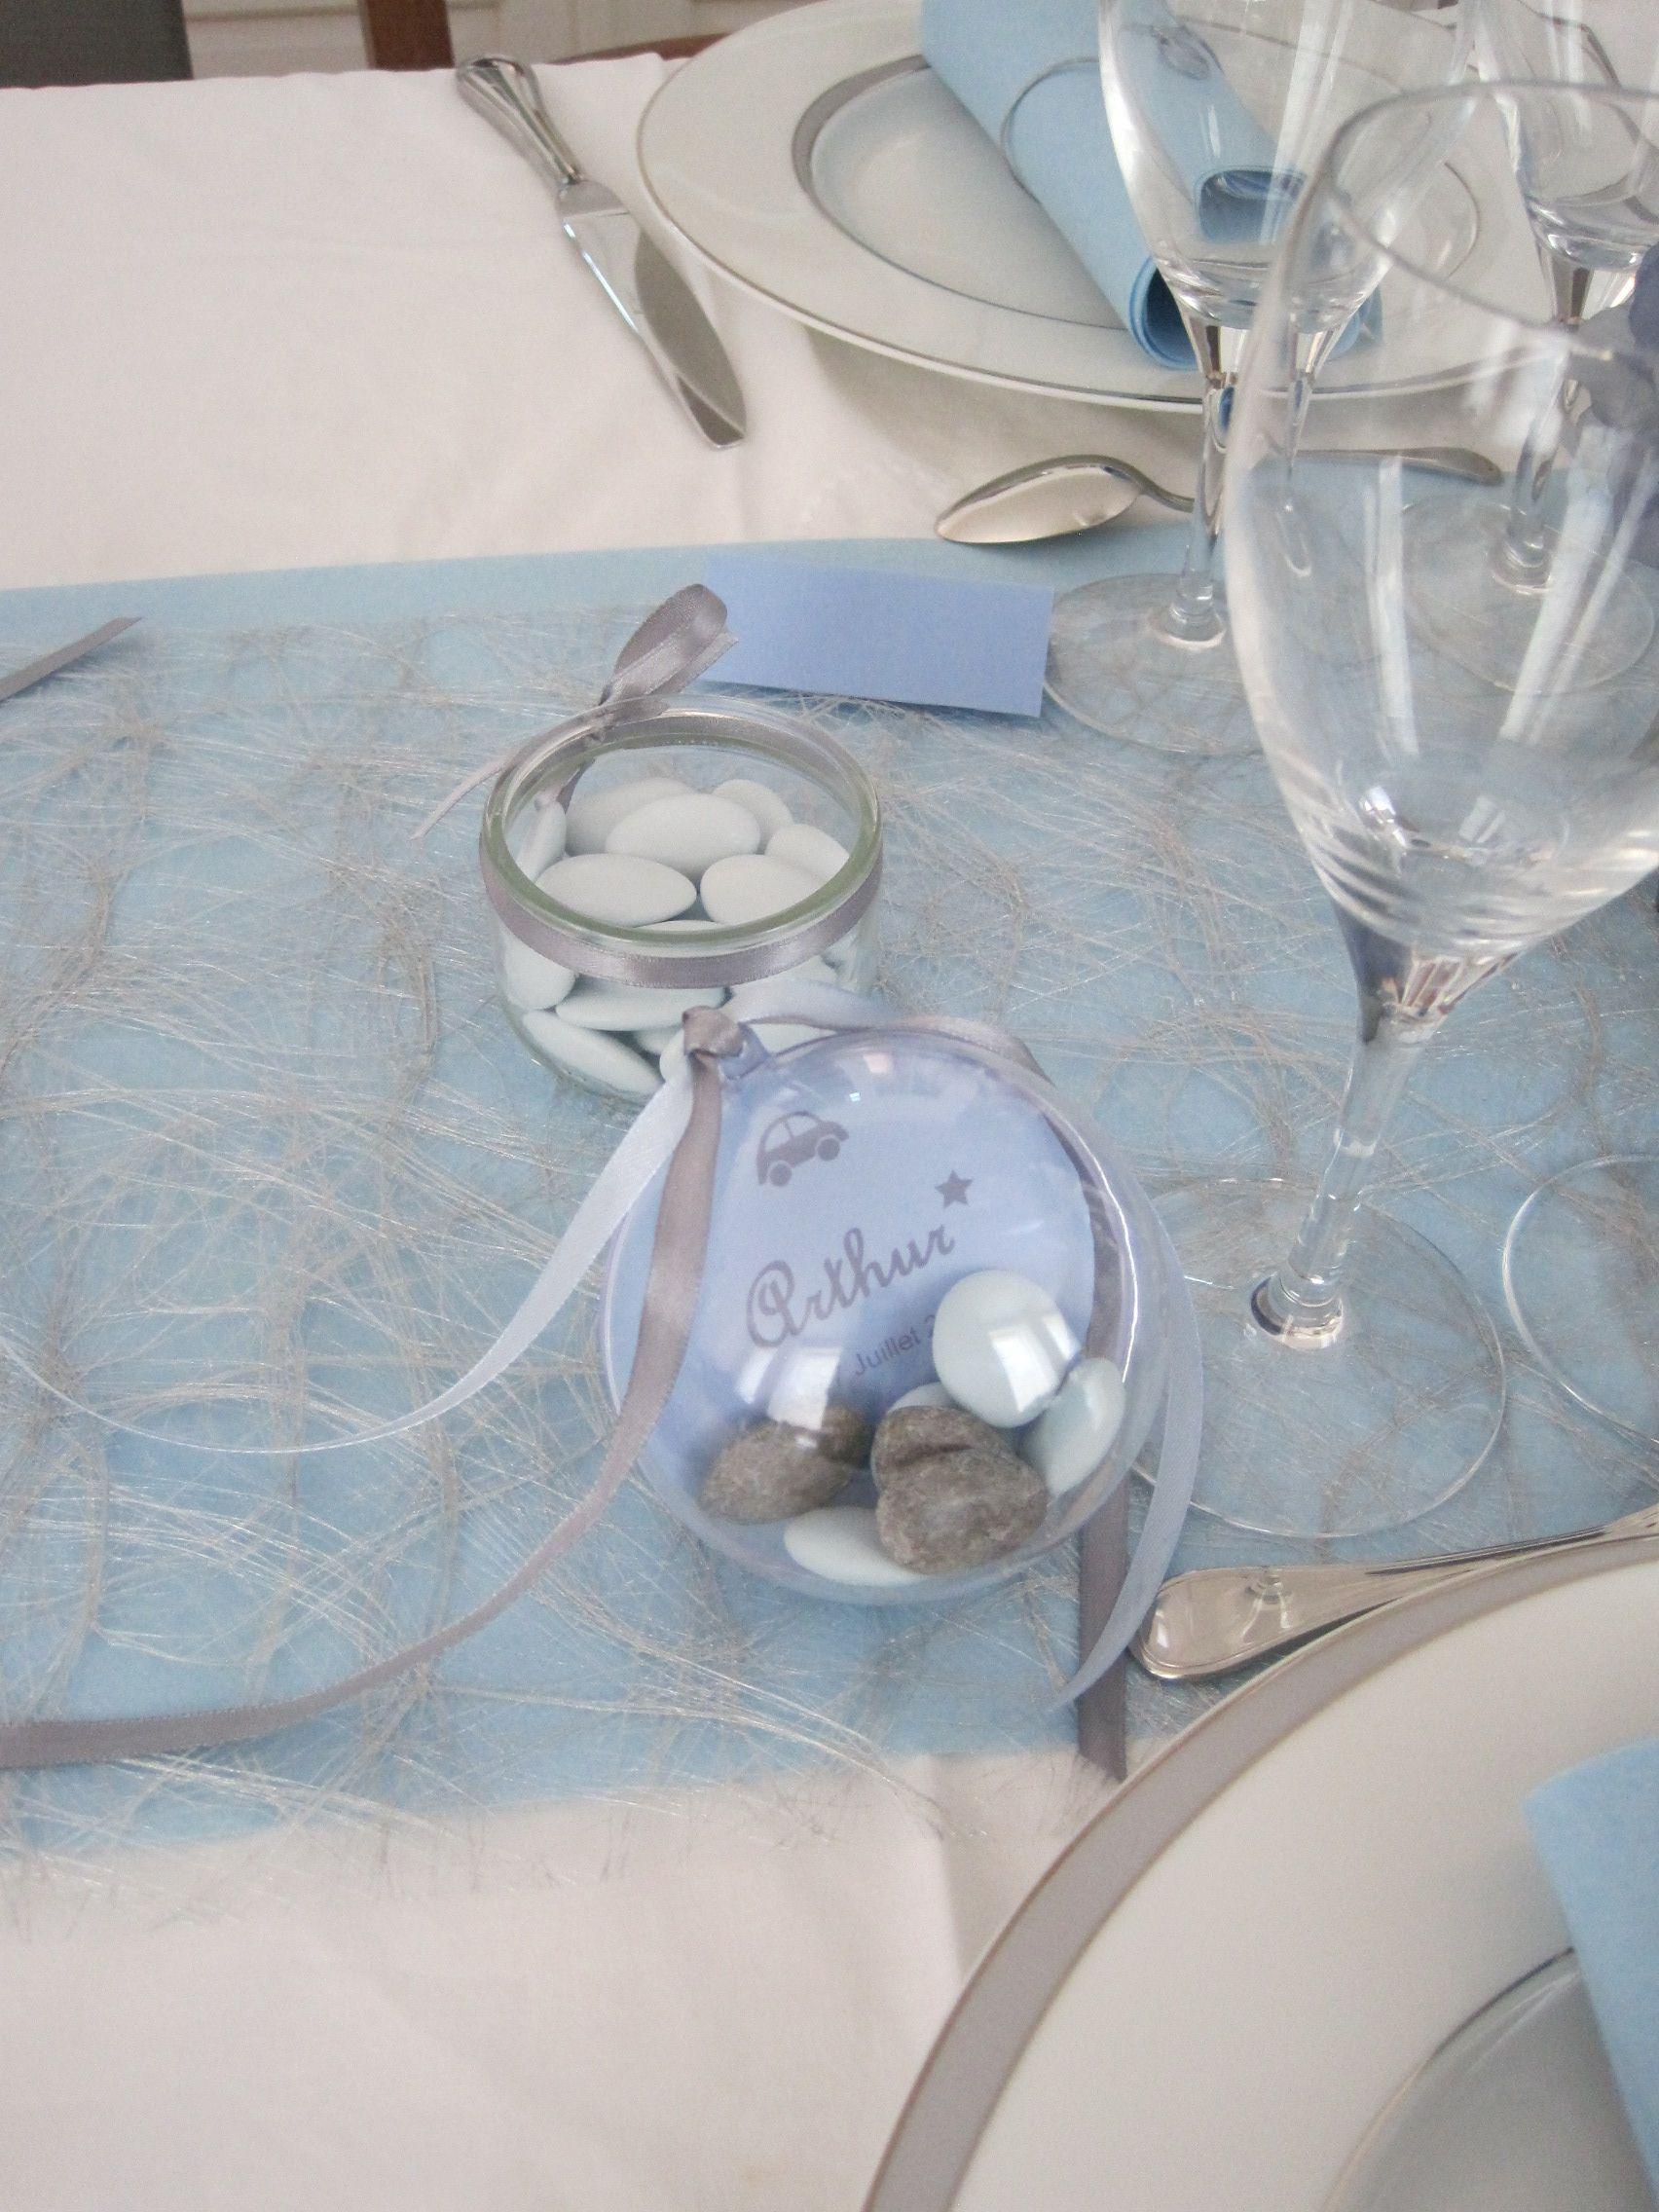 Drag es bapt me th me voiture gris bleu id es anni for Decoration bapteme bleu